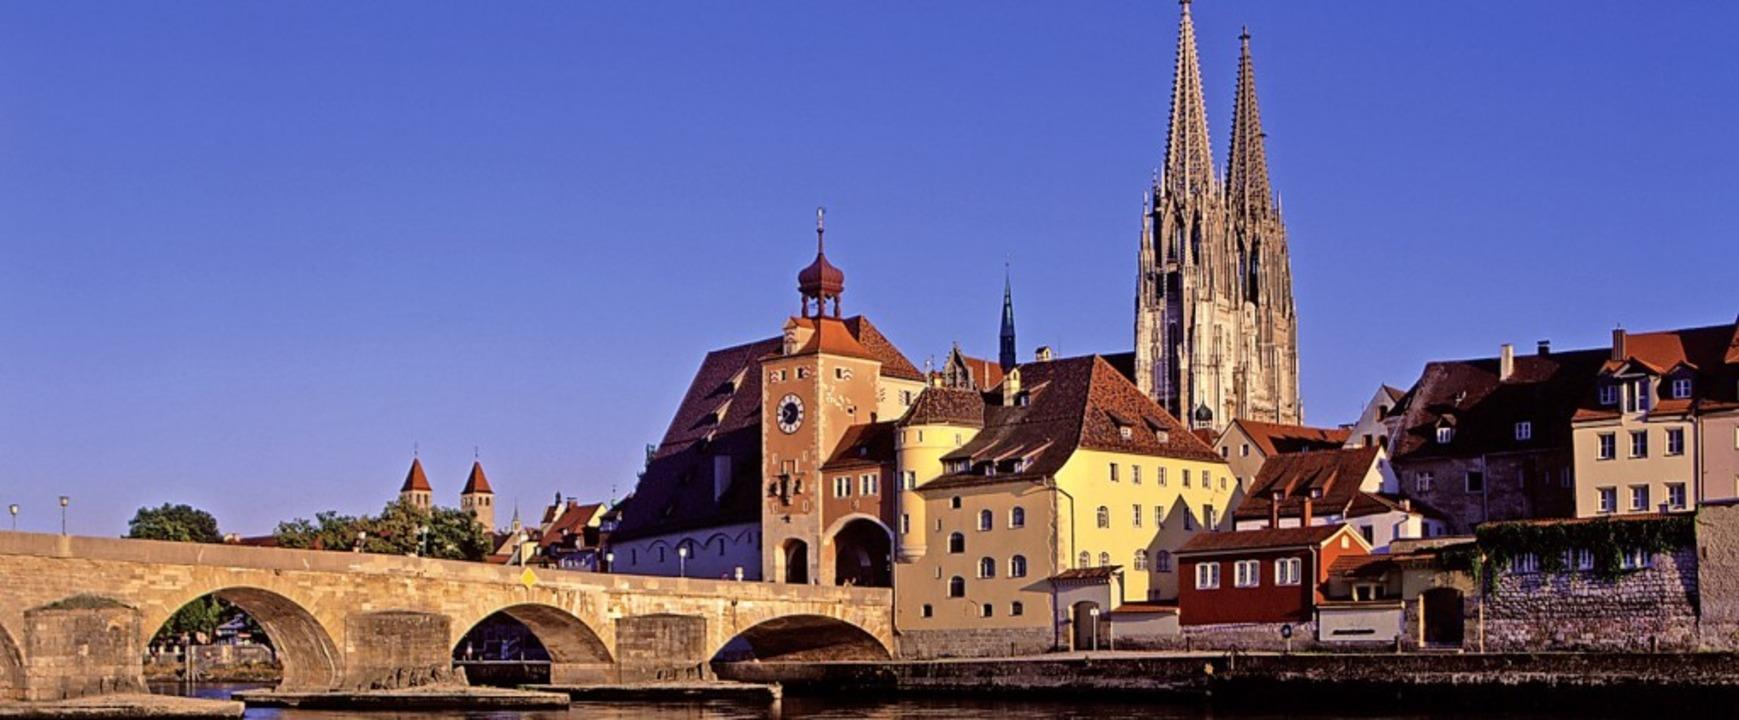 Die Steinerne Brücke über die Donau und der Regensburger Dom in der Abendsonne  | Foto: Peter Ferstl